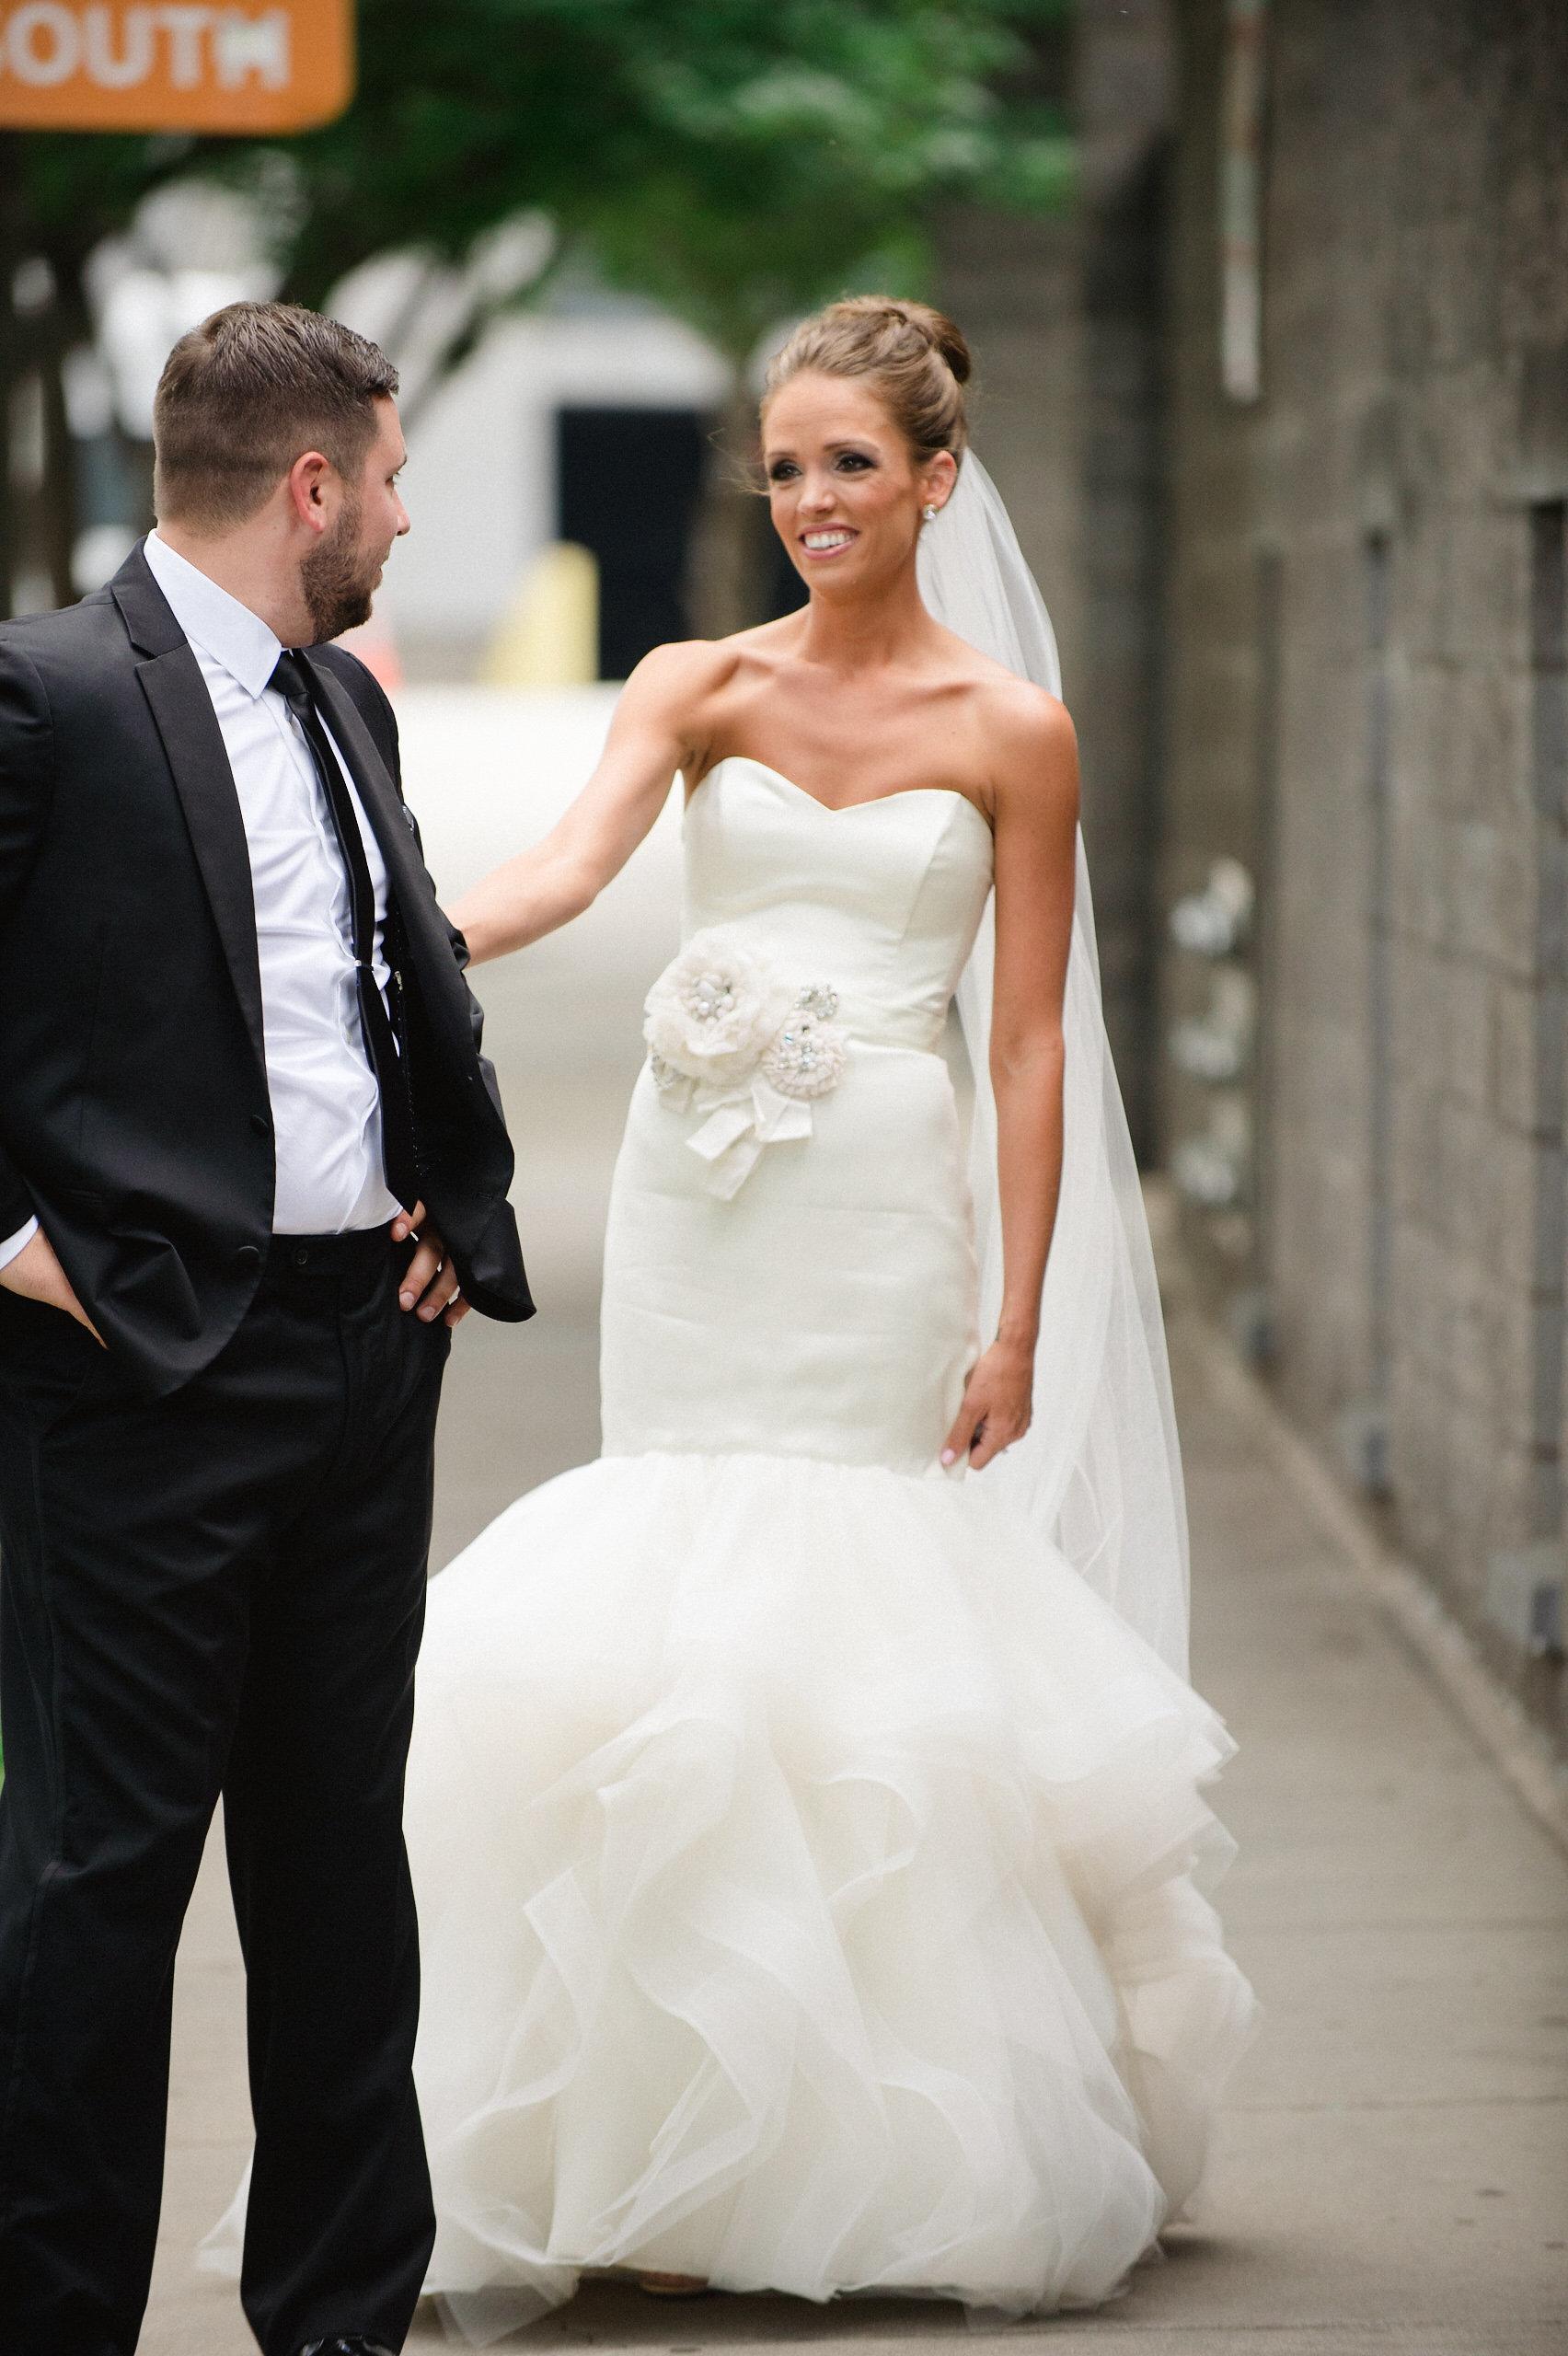 shelby&jordan|smitten&hooked|wedding|firstlook-010.jpg